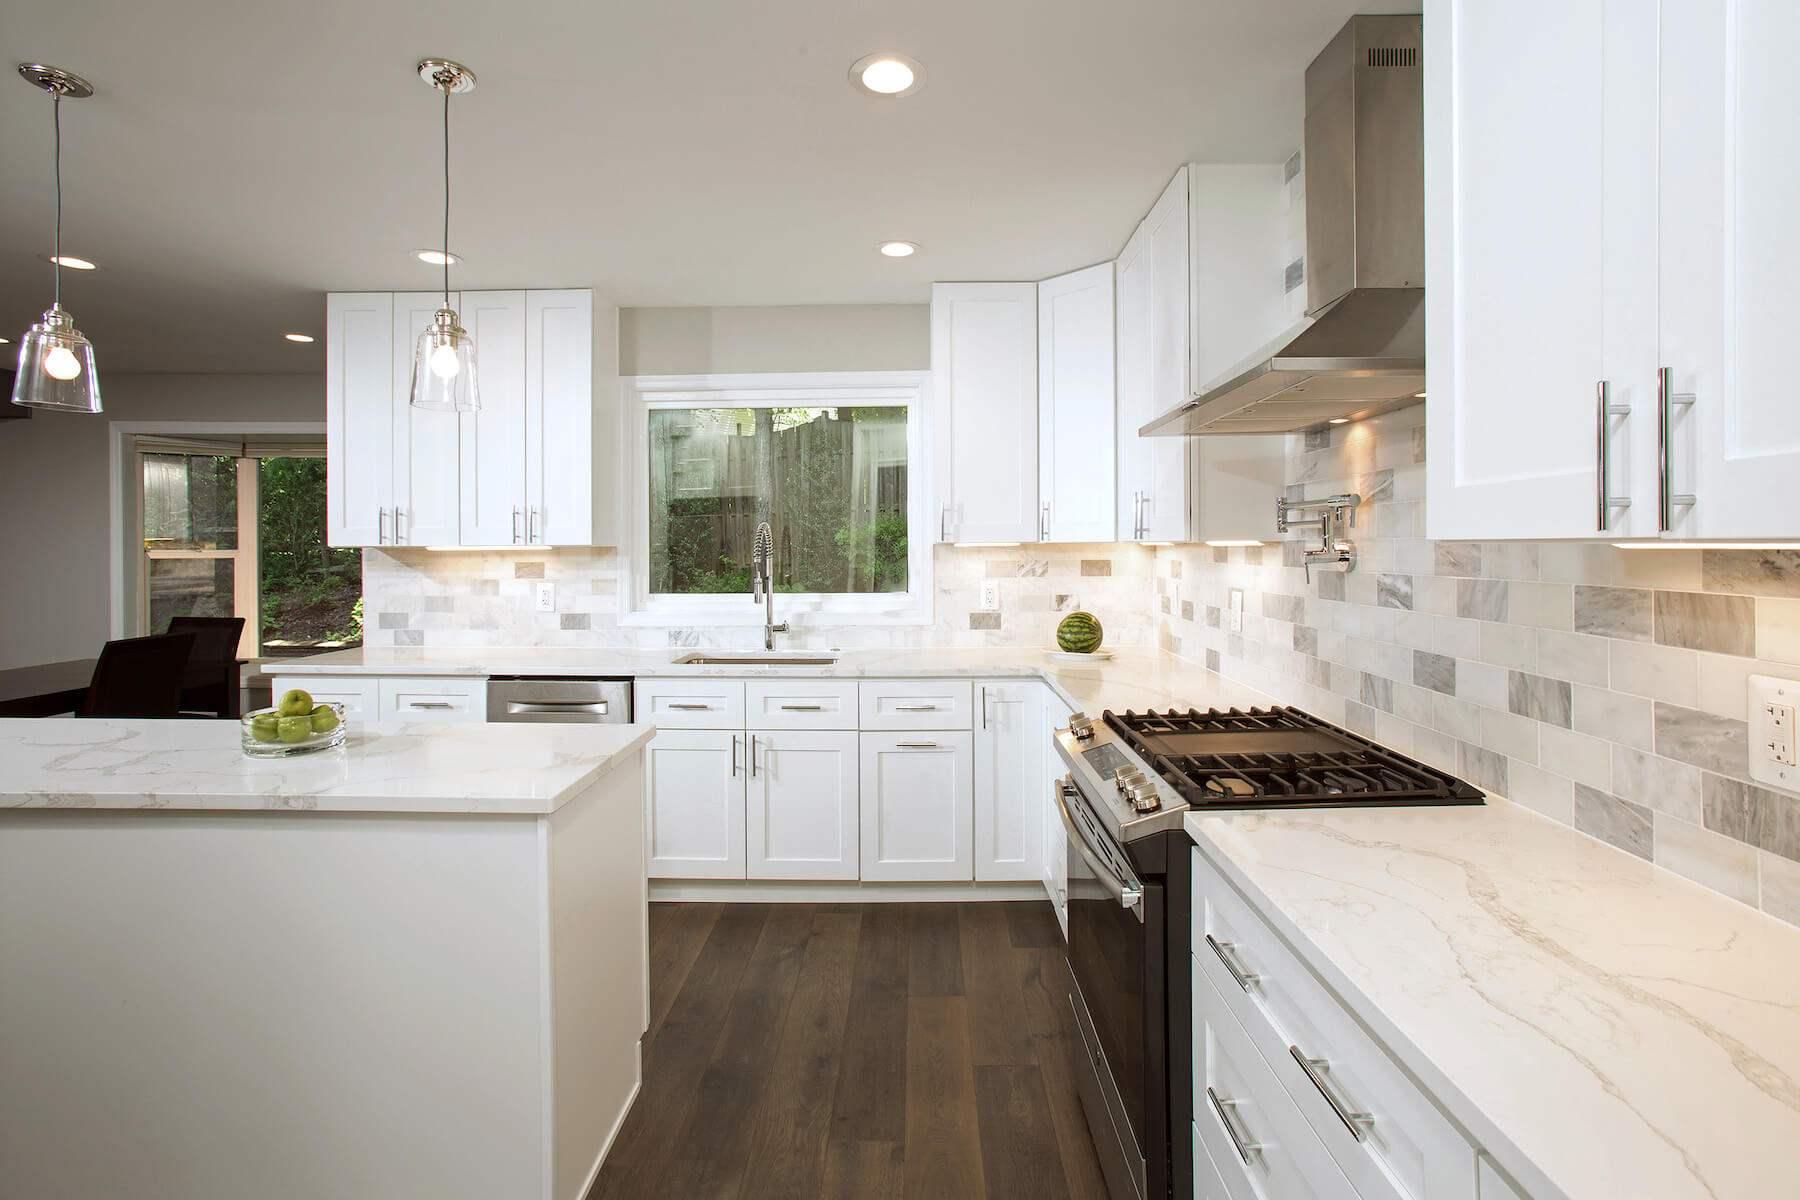 kitchen_7-27-18_256